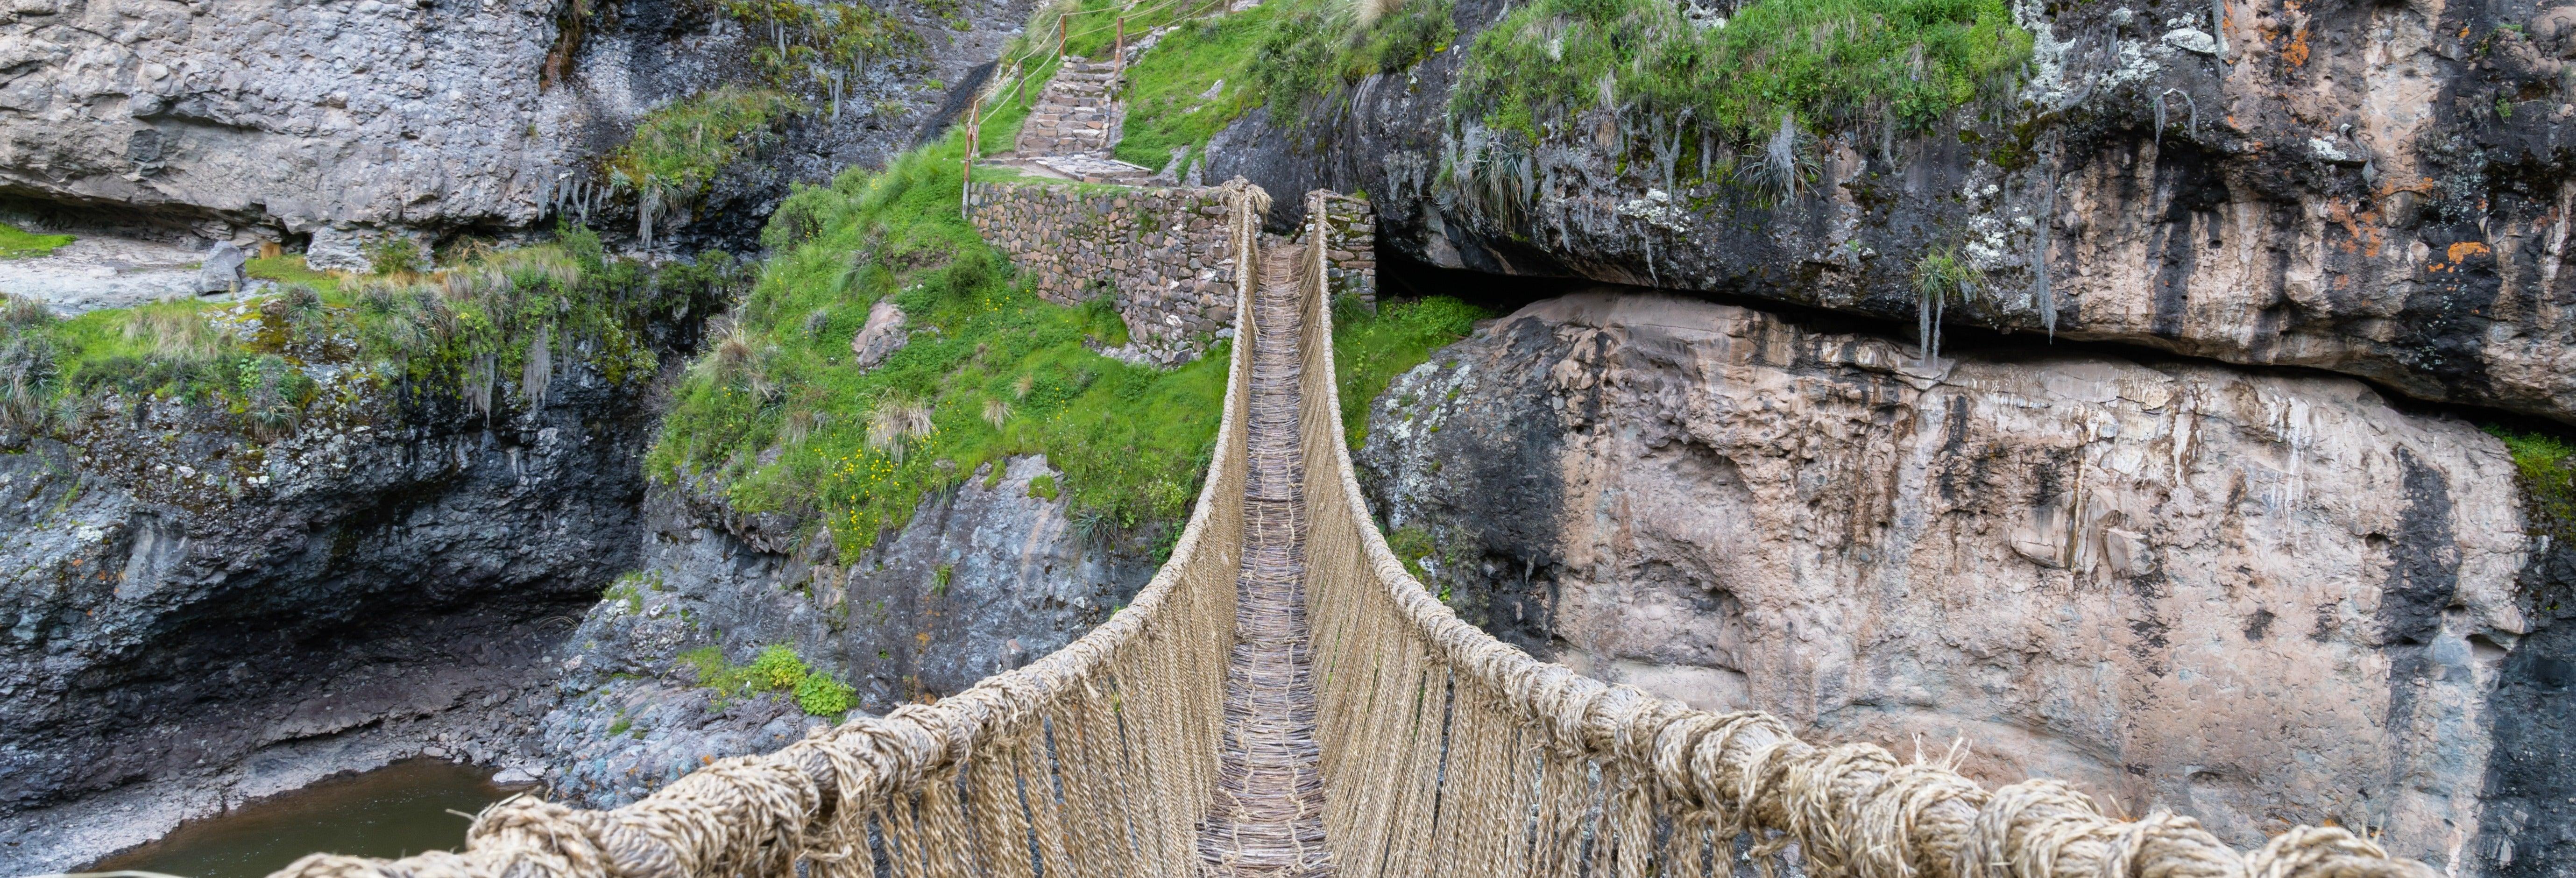 Excursión al puente Inca Q'eswachaka